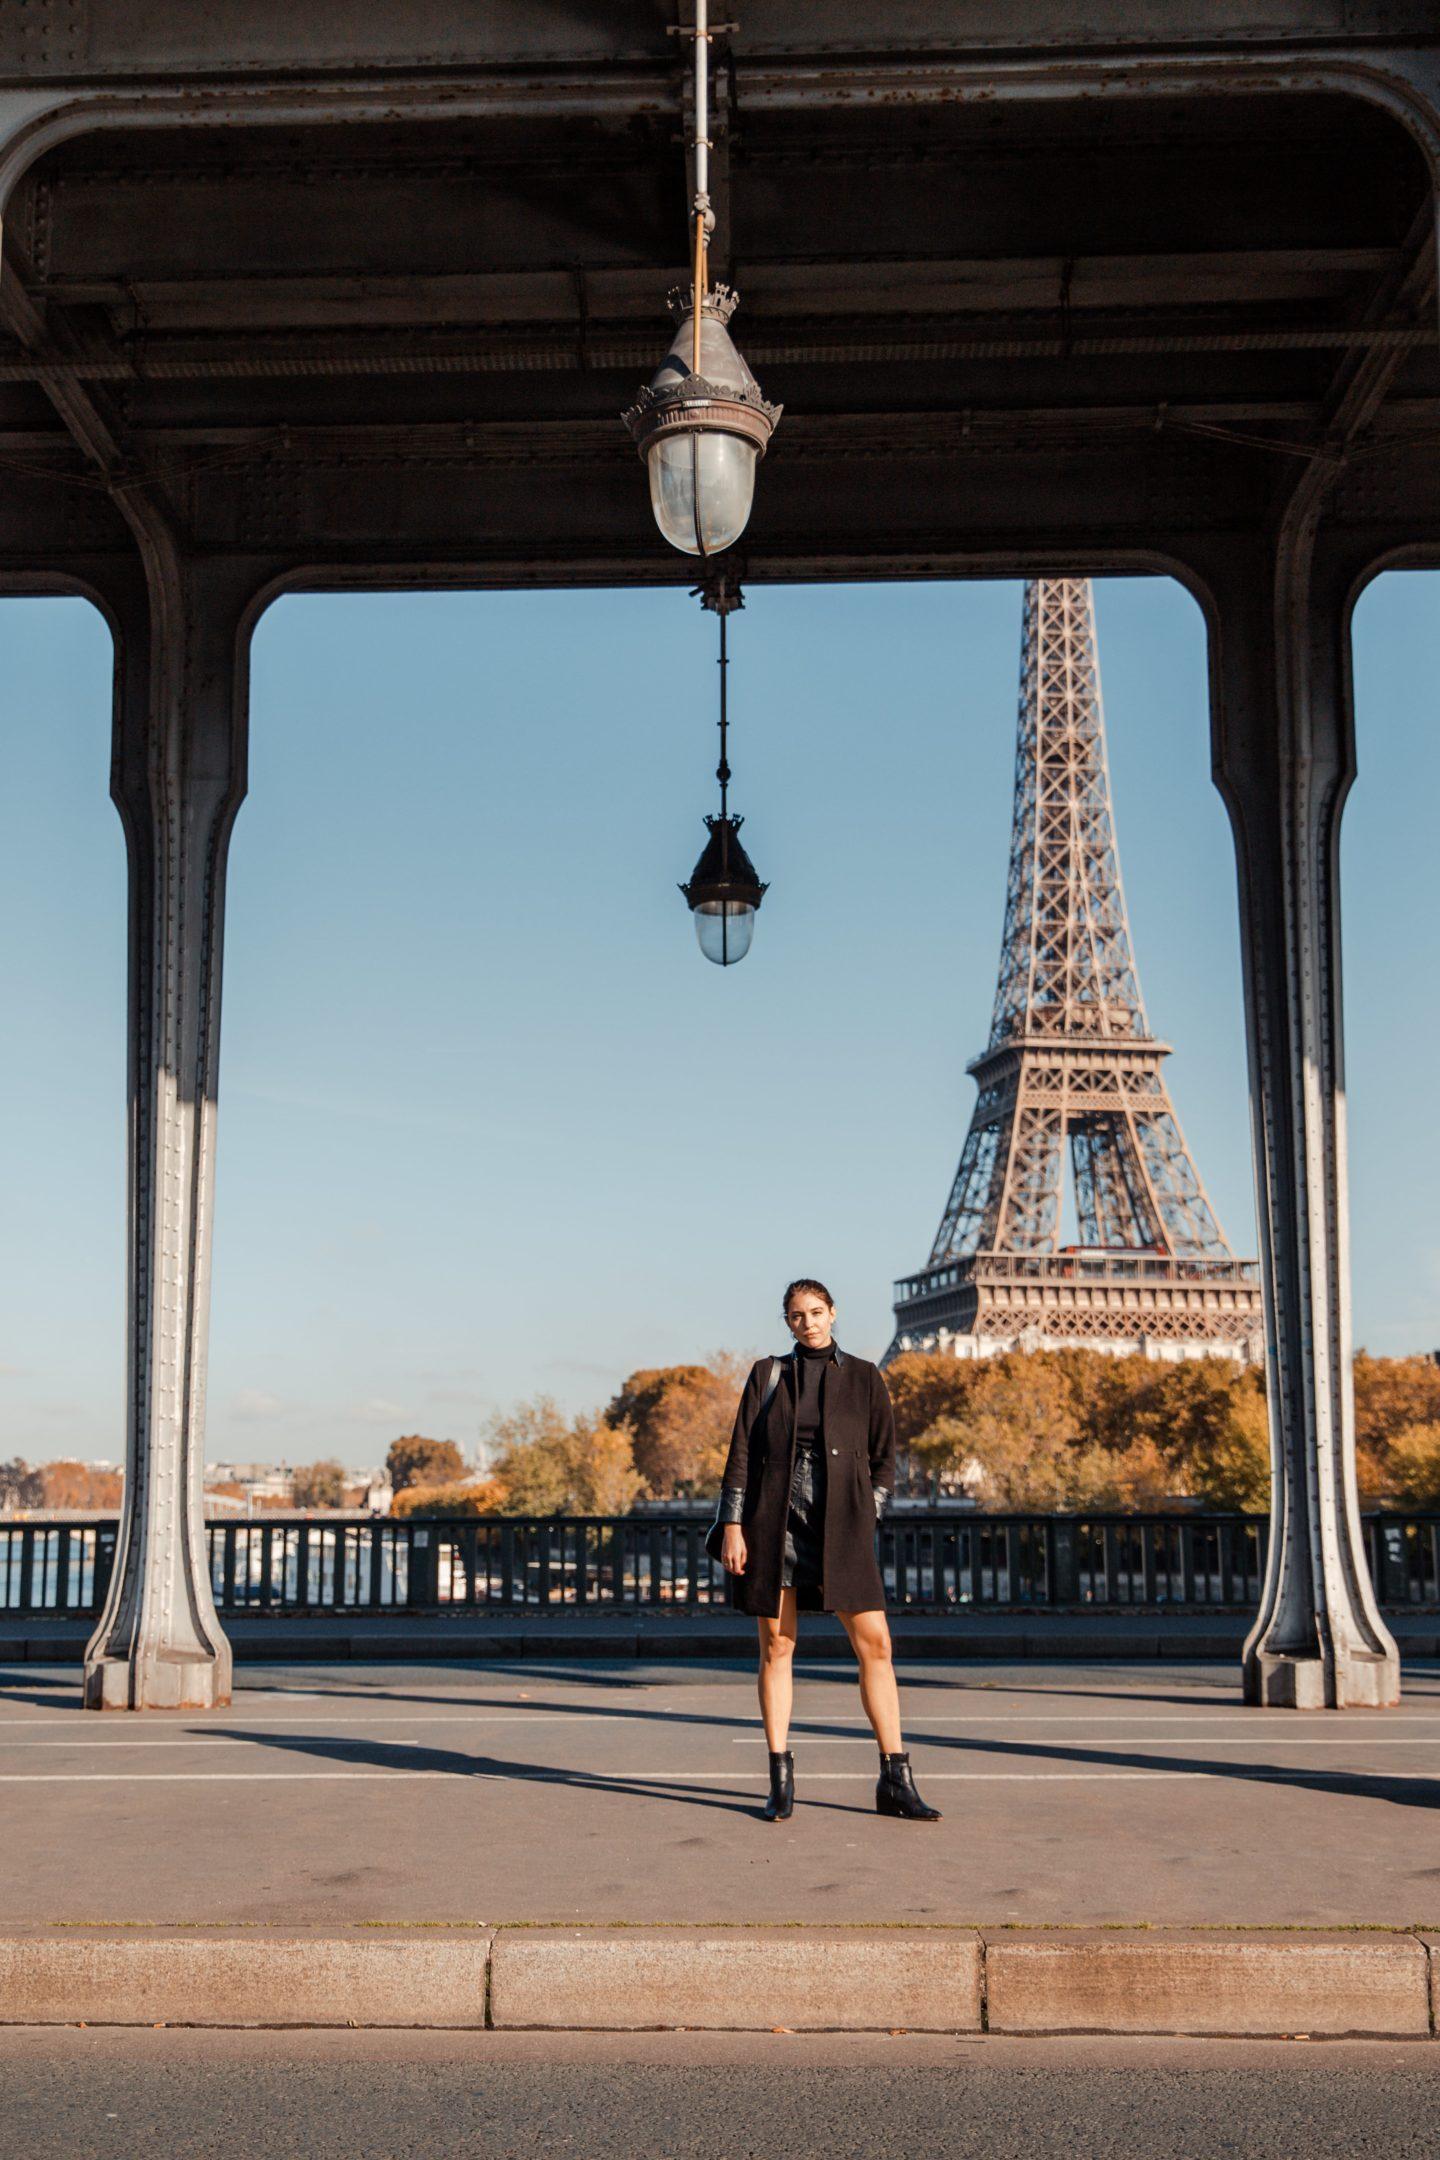 The Best Eiffel Tower Photo Spots | 7 Secret Places to View the Eiffel Tower - Dana Berez